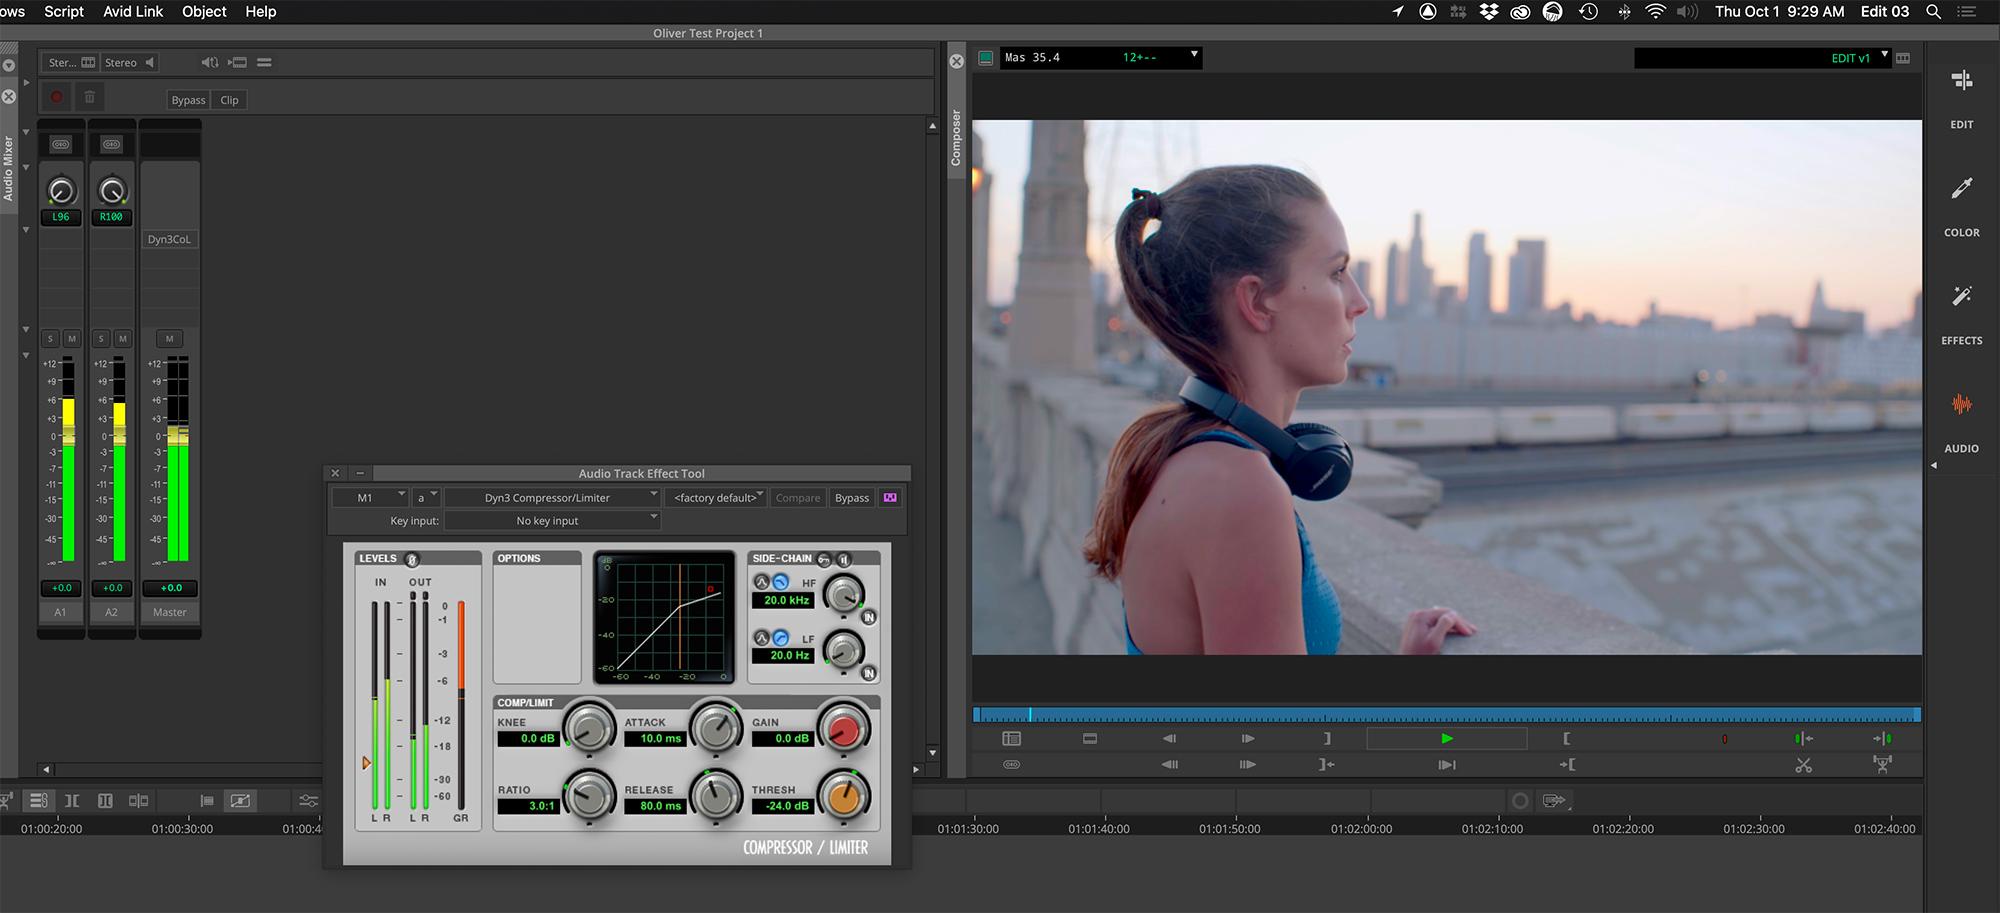 Avid Media Composer audio plug-ins